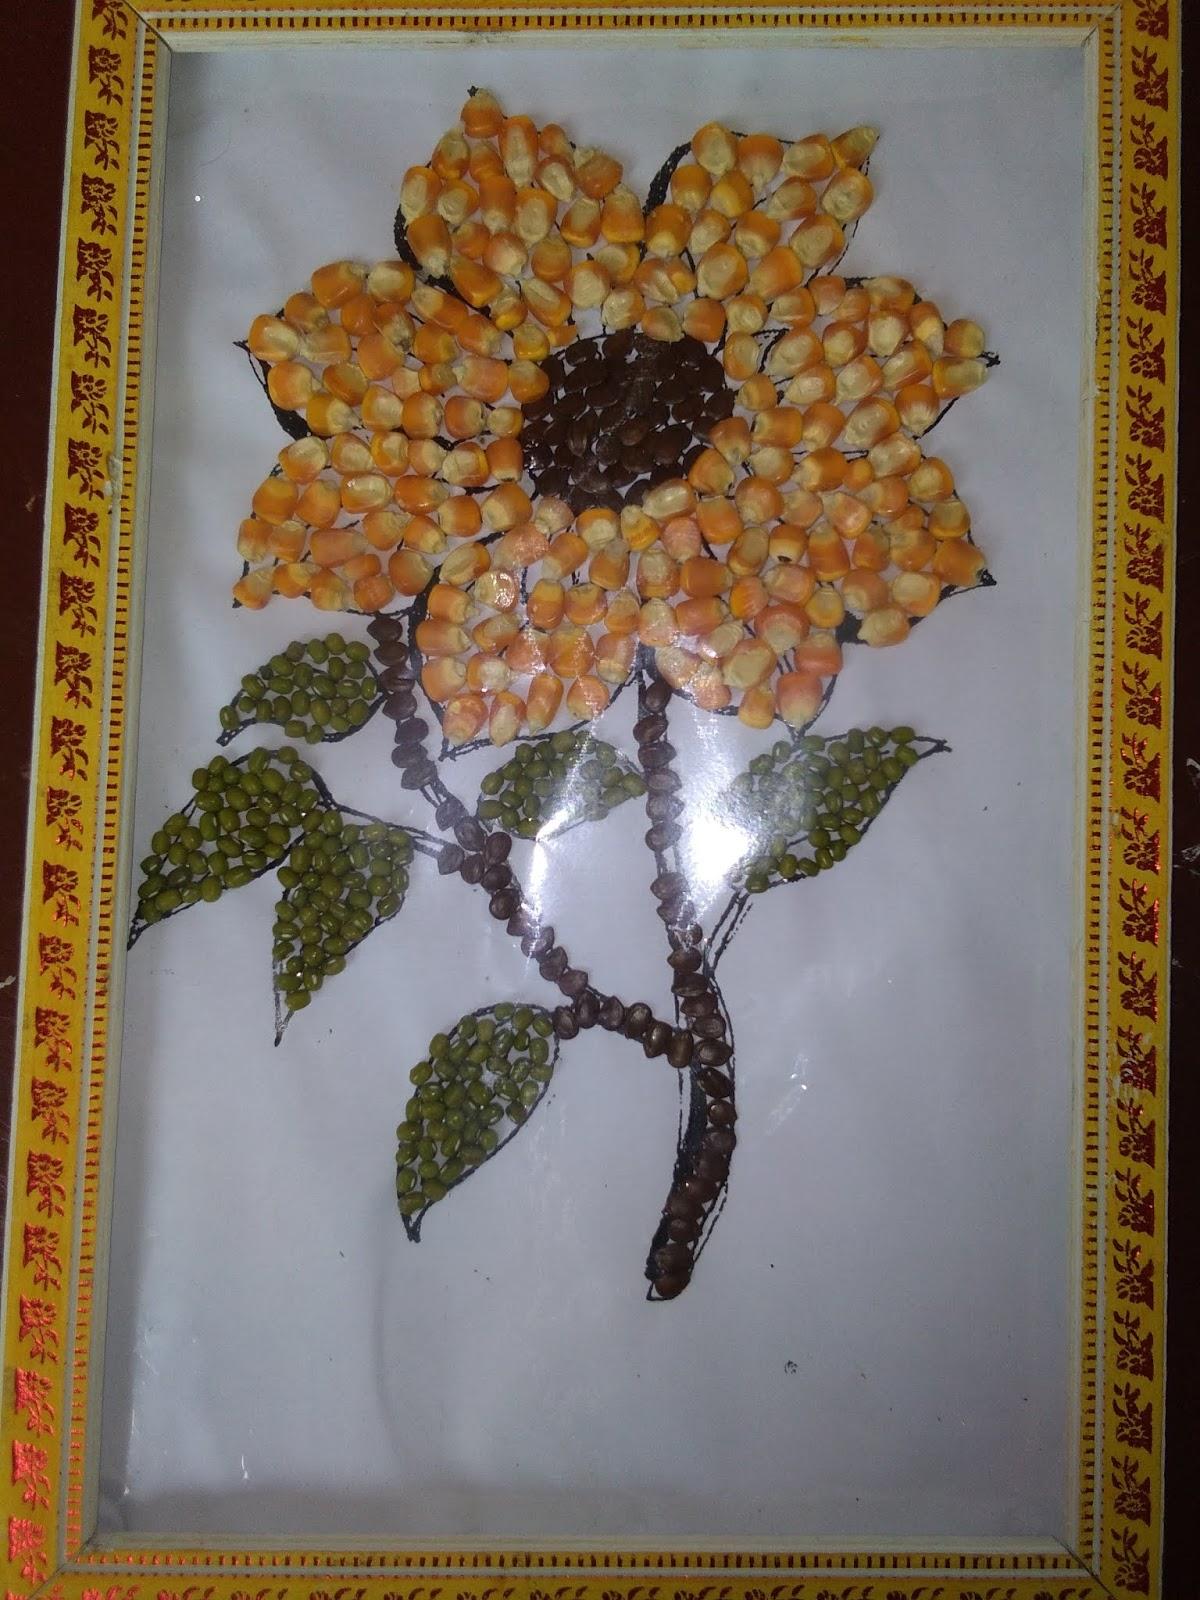 Gambar Kolase Biji Bijian Bunga Kertasbulat